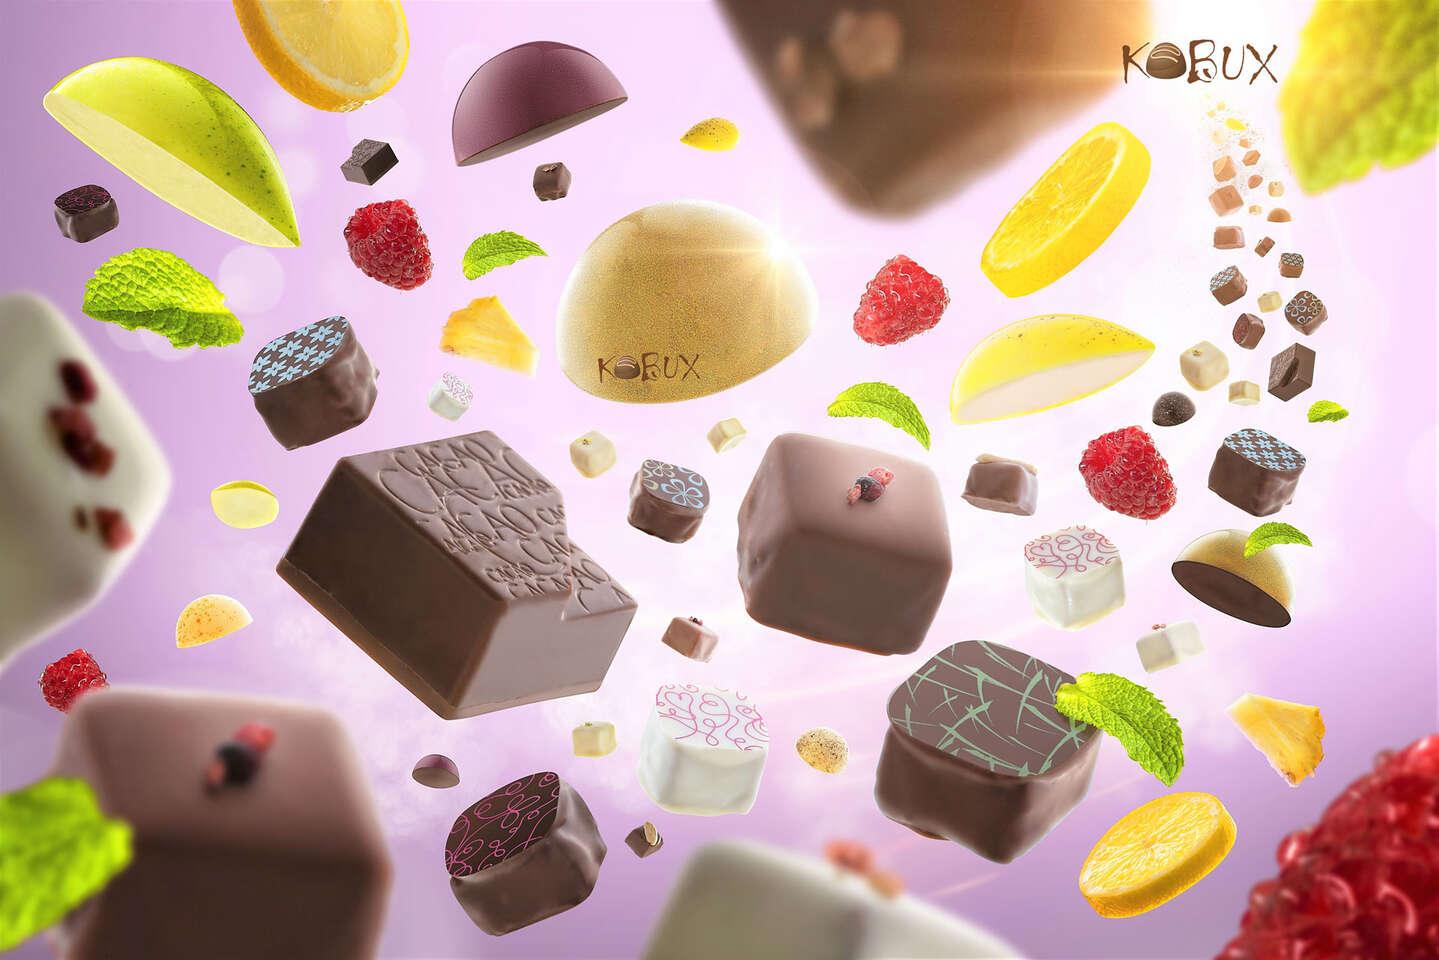 Veľkonočná výslužka, priamo k vám domov - ručne robené pralinky a tyčinky z pravej belgickej čokolády